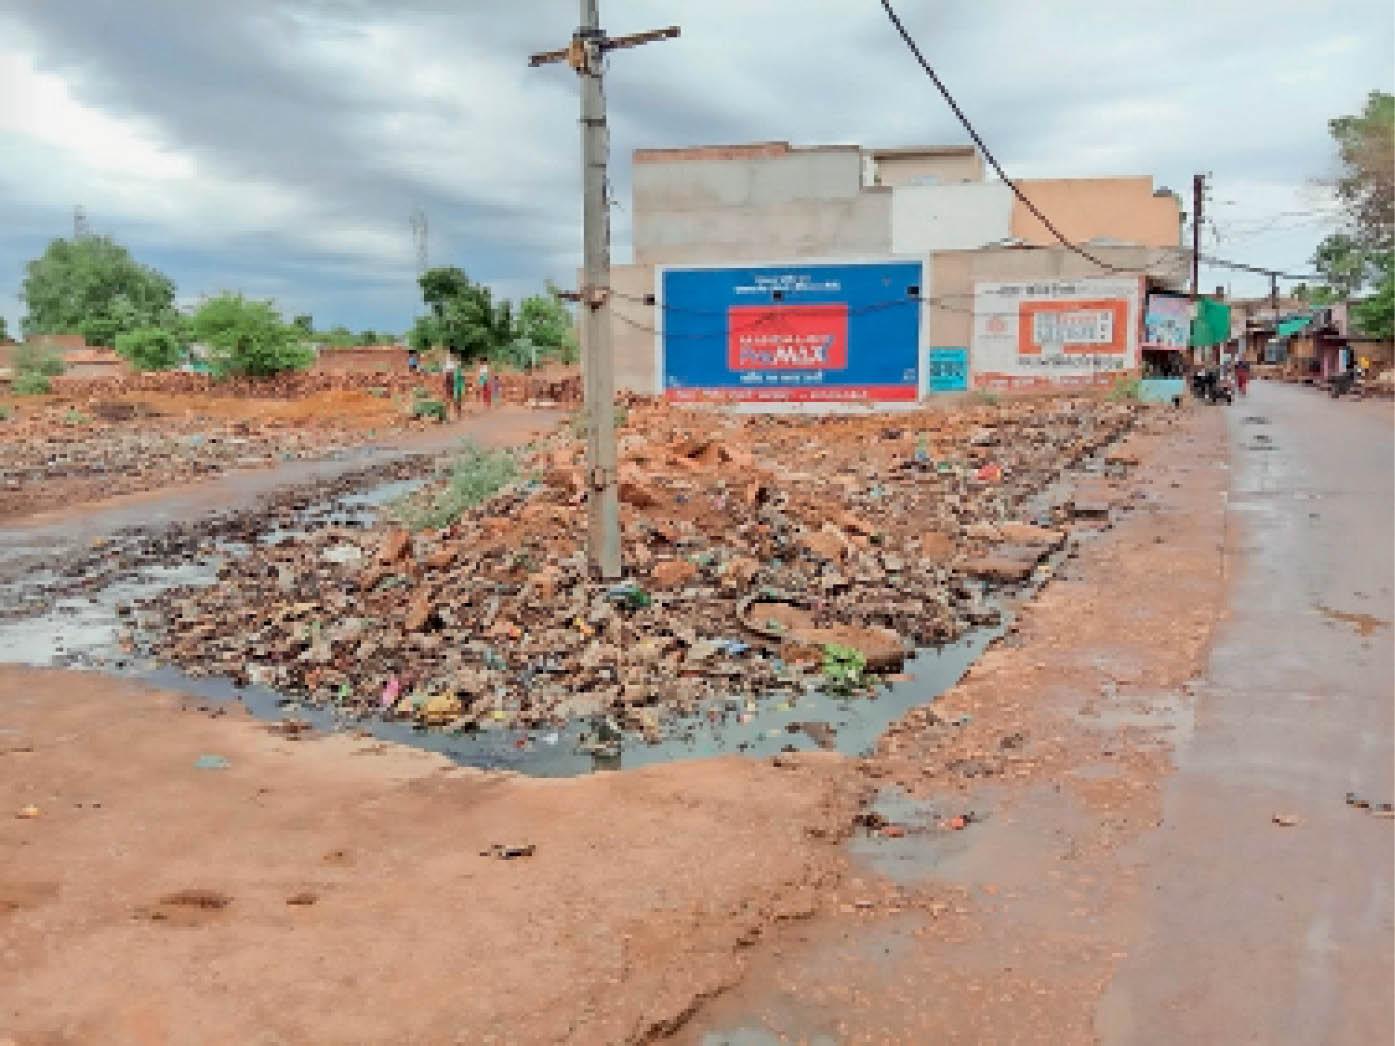 सफाई कर्मचारियों की लापरवाही के चलते कराहल के मुख्य बाजार में लग रहा गंदगी का ढेर। - Dainik Bhaskar